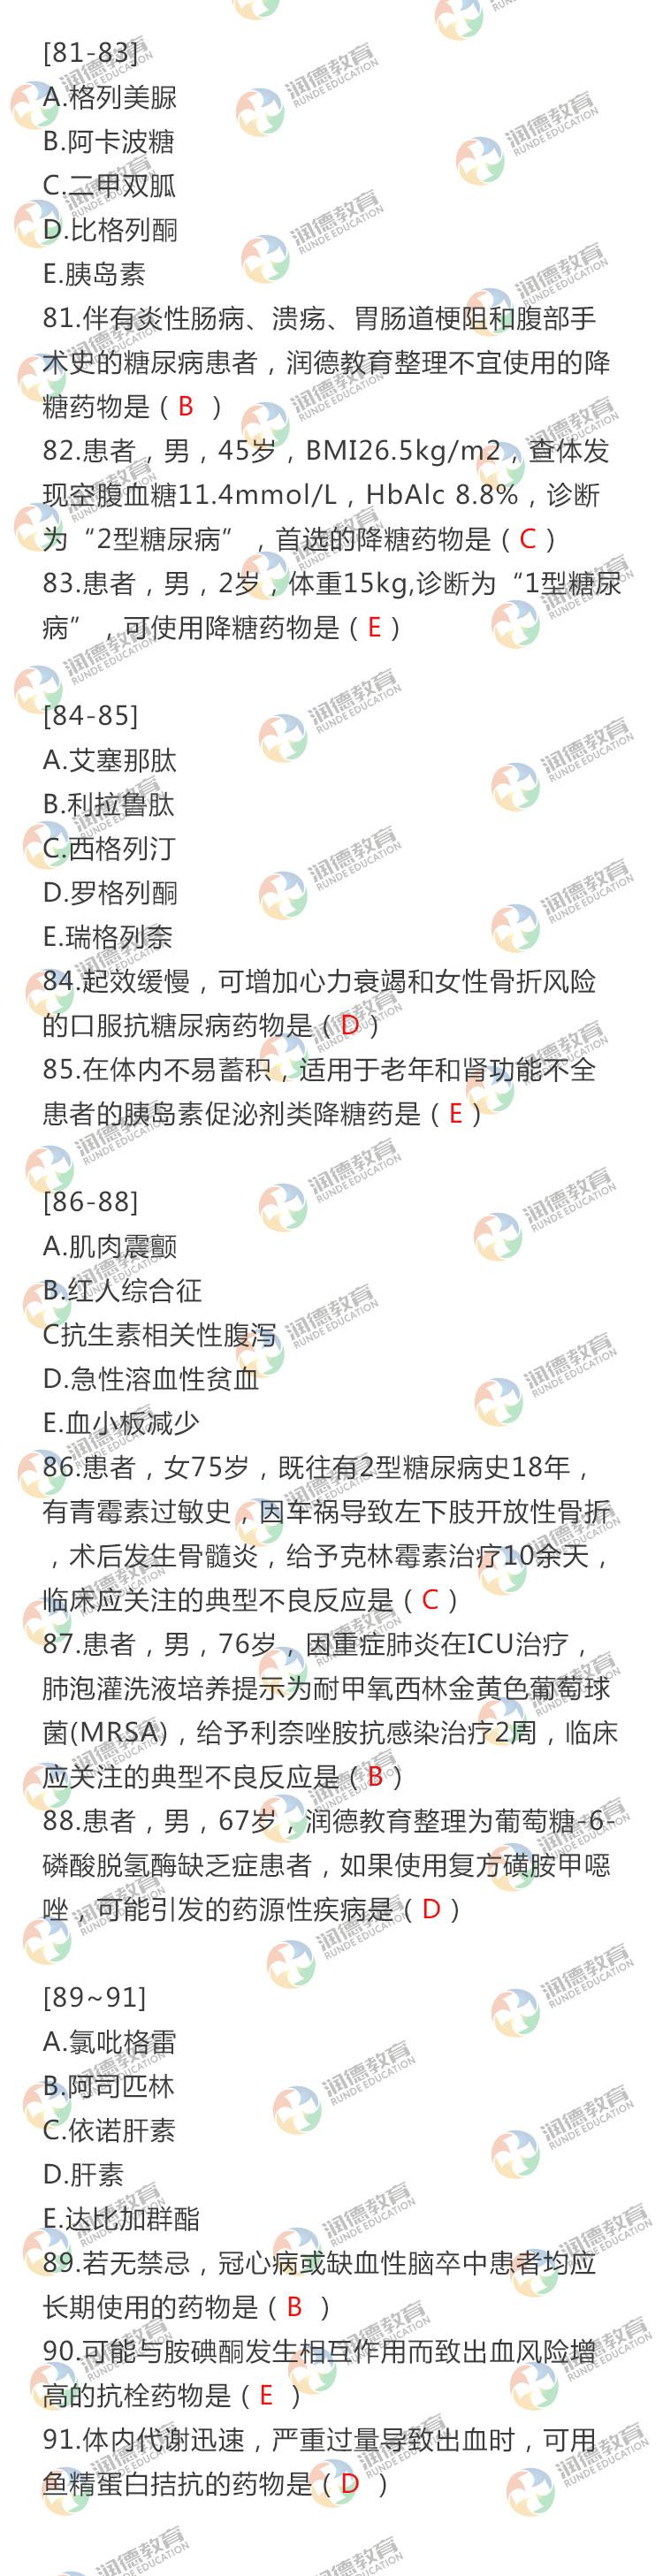 执业药师西药二61-70.jpg